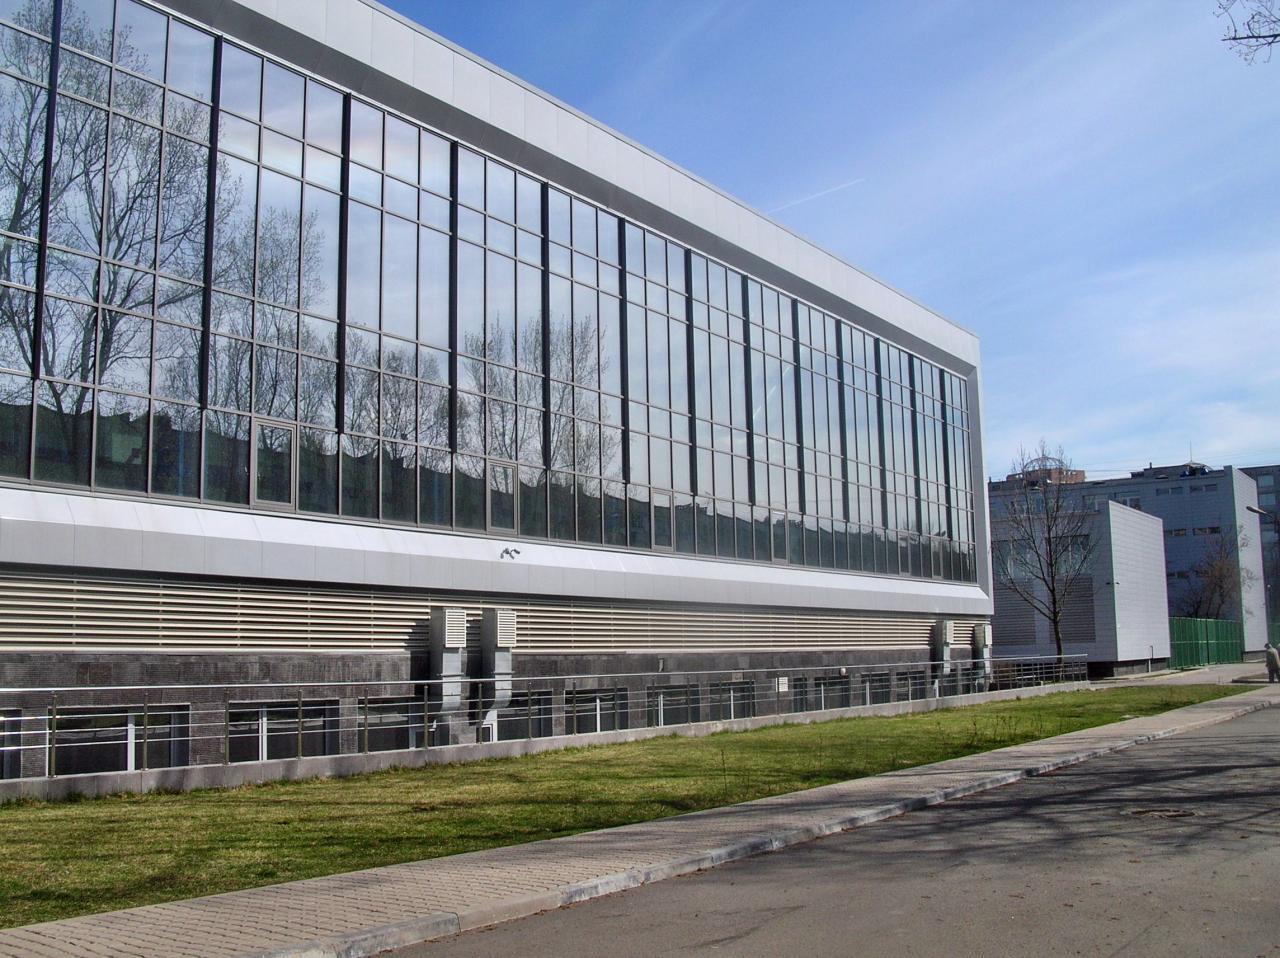 Школа 305 фрунзенского района